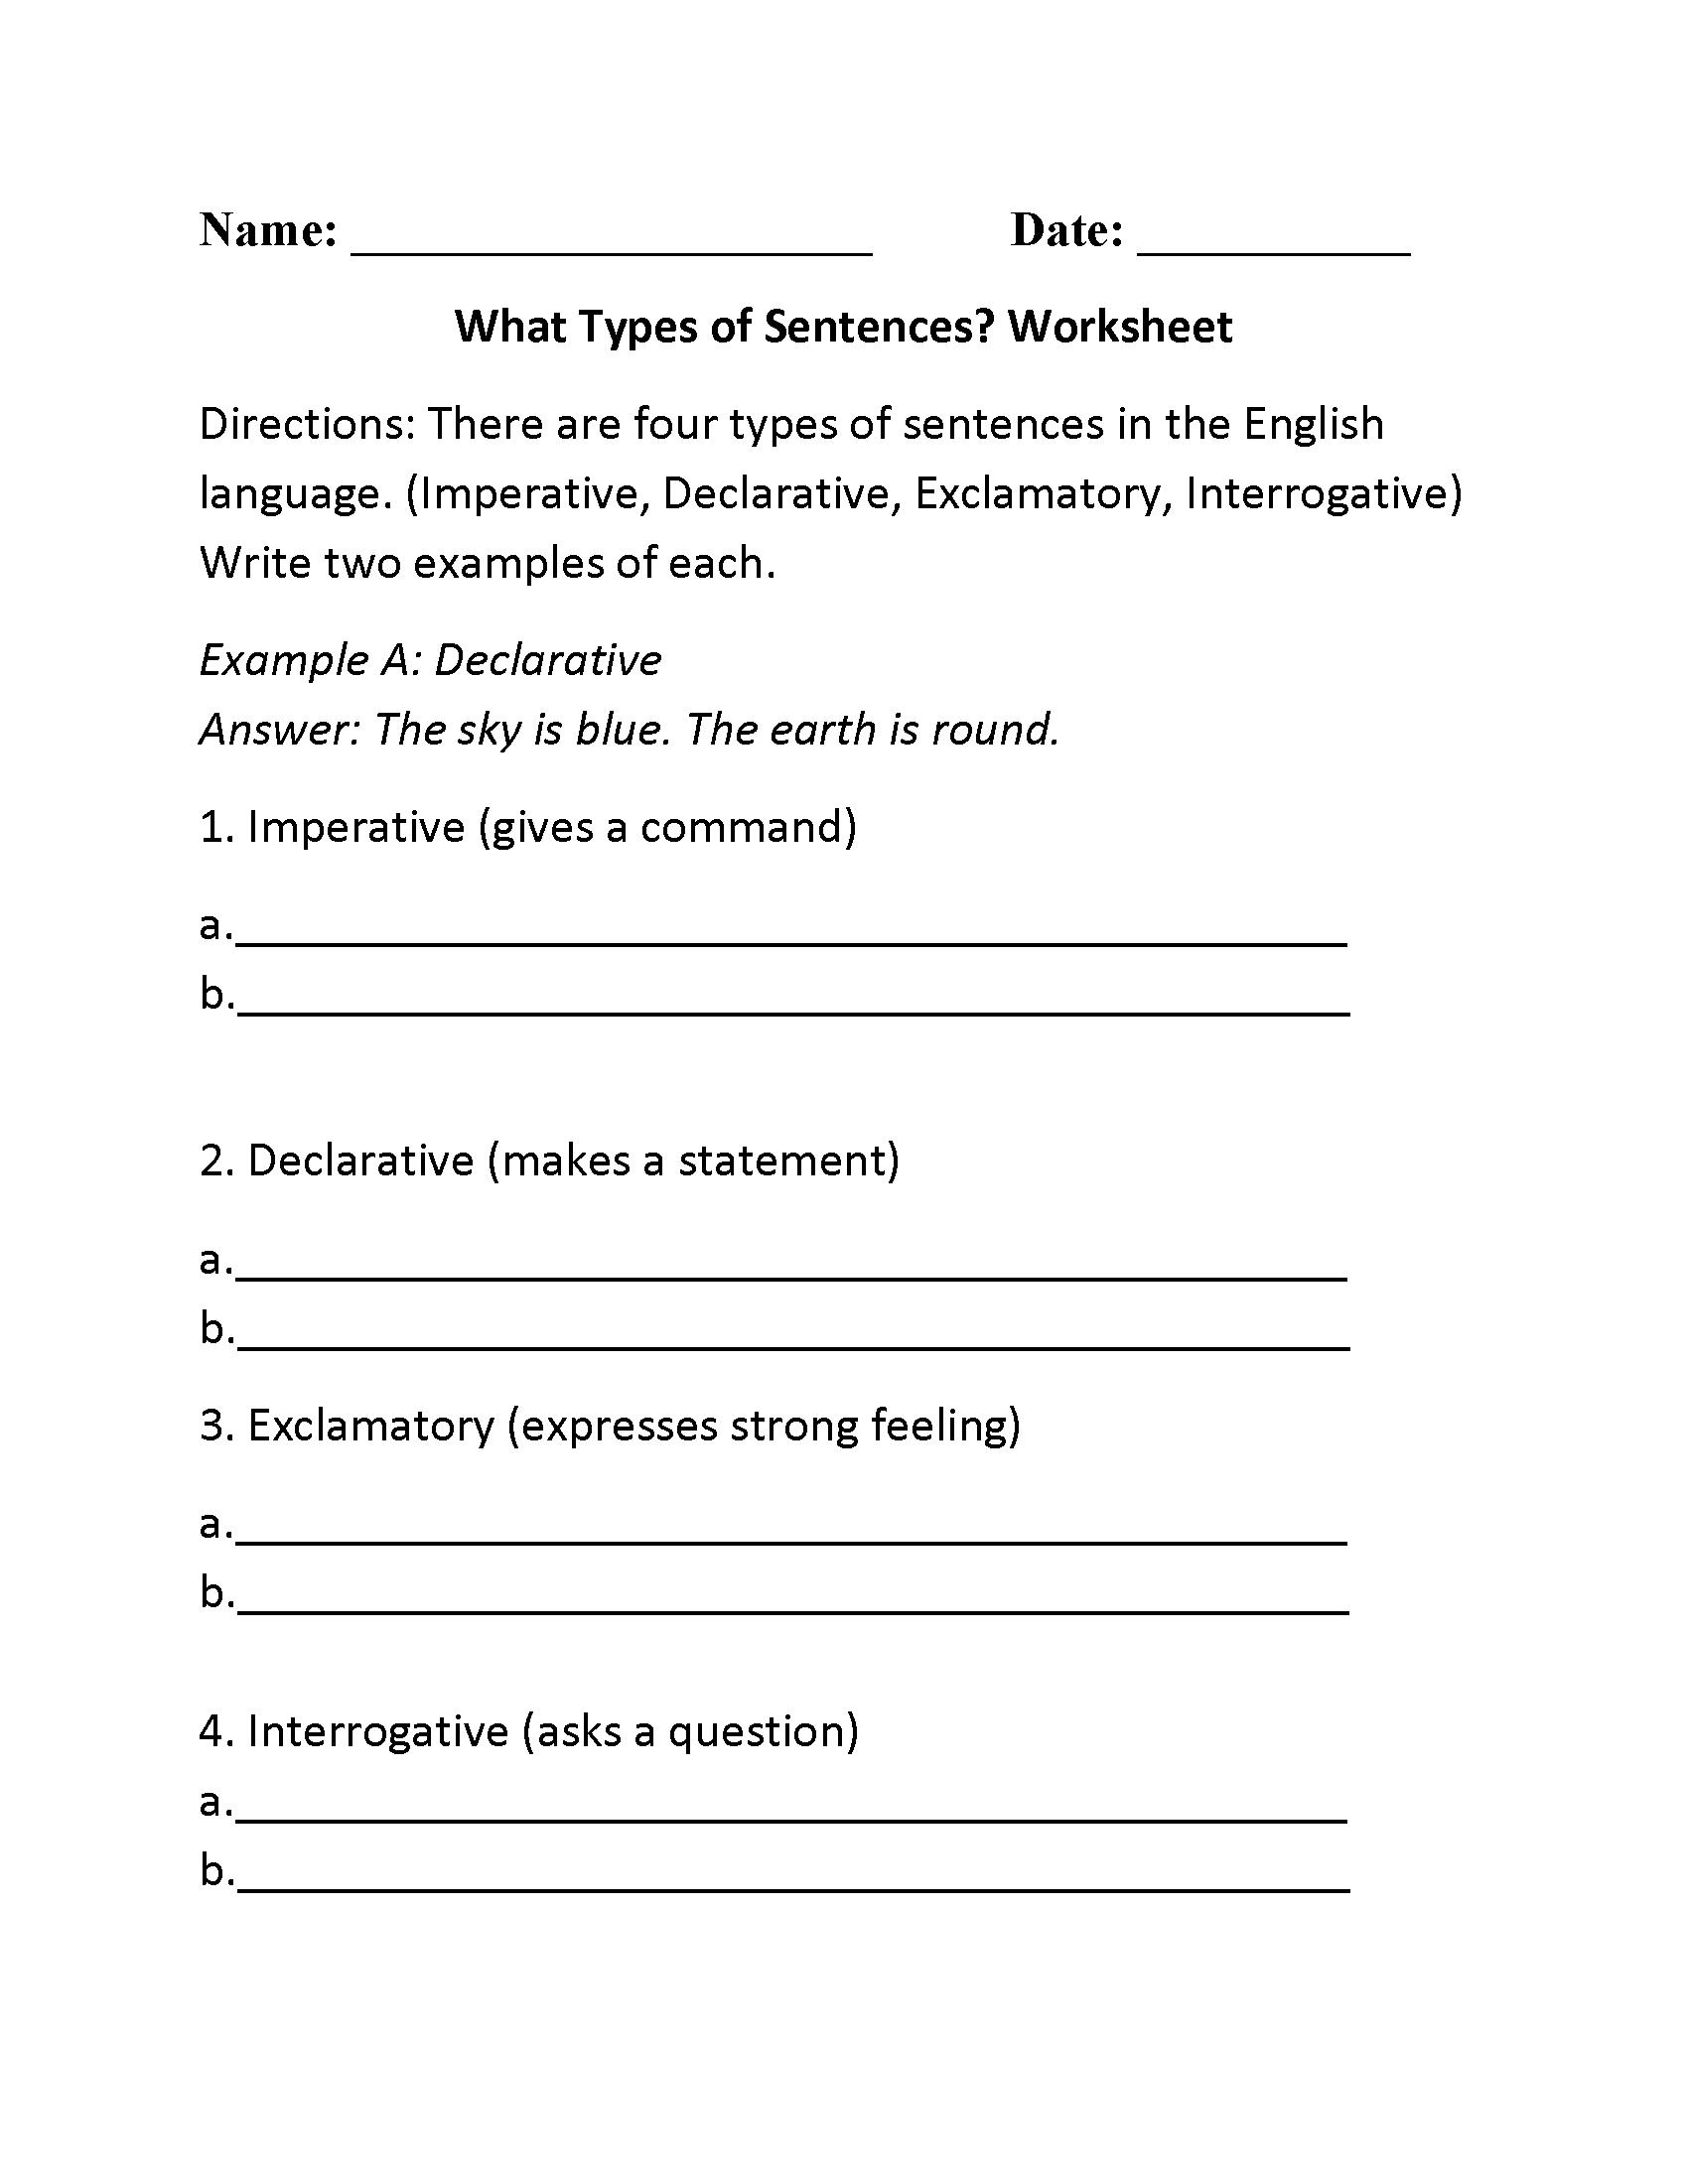 What Types Of Sentences Worksheet